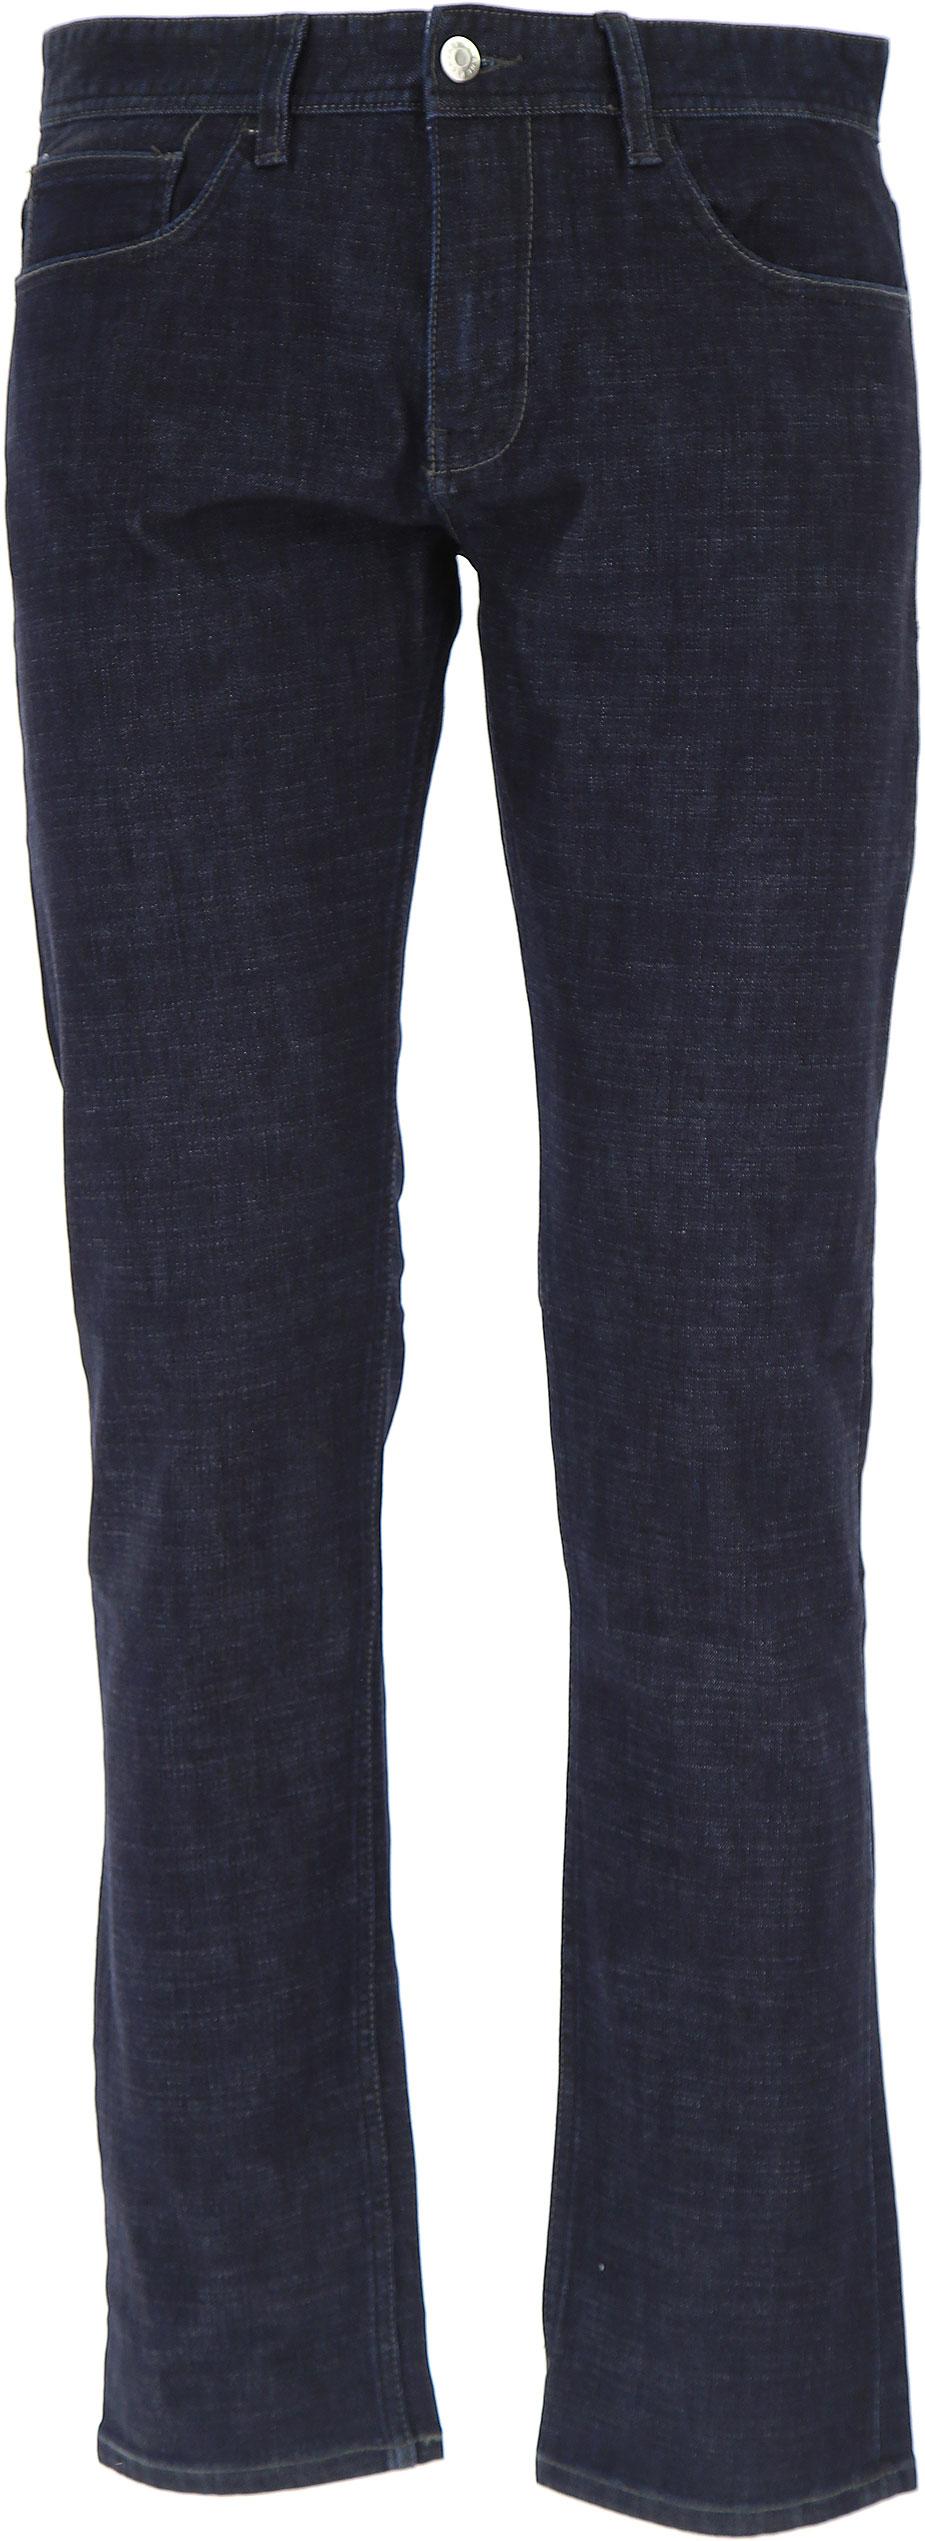 Abbigliamento Uomo Emporio Armani, Codice Articolo: 8nzj16-z881z-1500